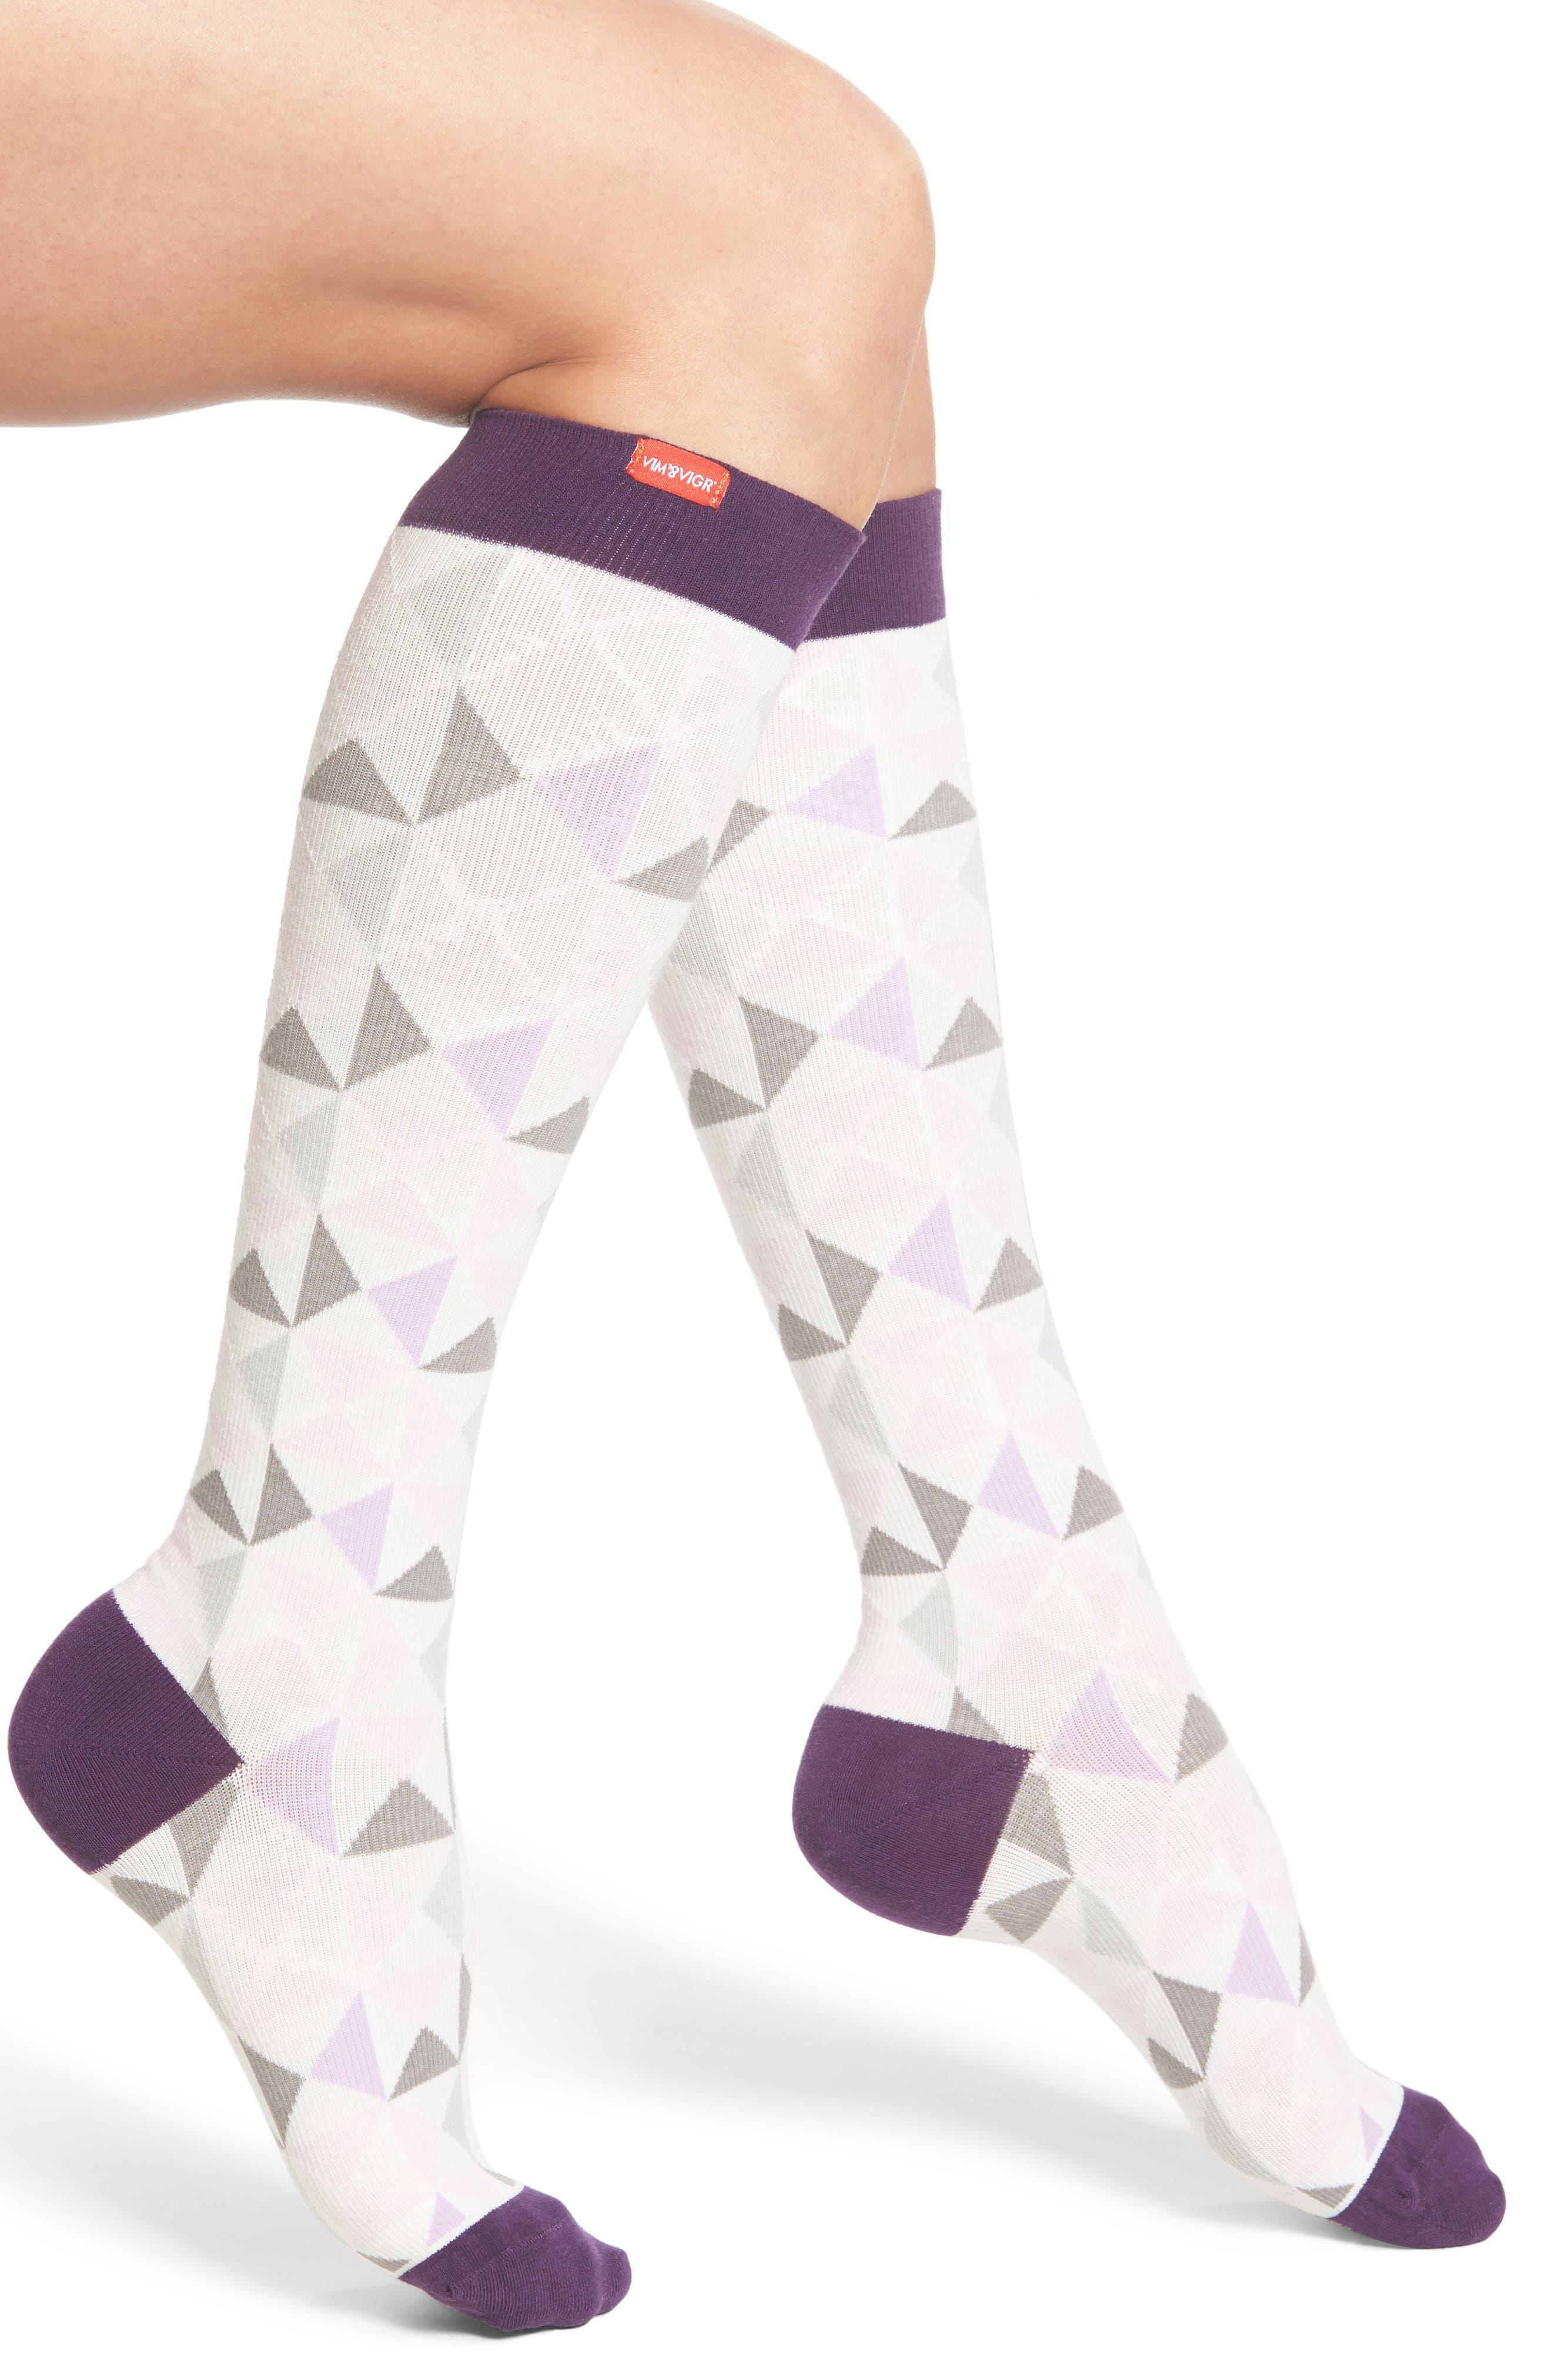 Alternate Image 1 Selected - VIM & VIGR Compression Knee High Socks